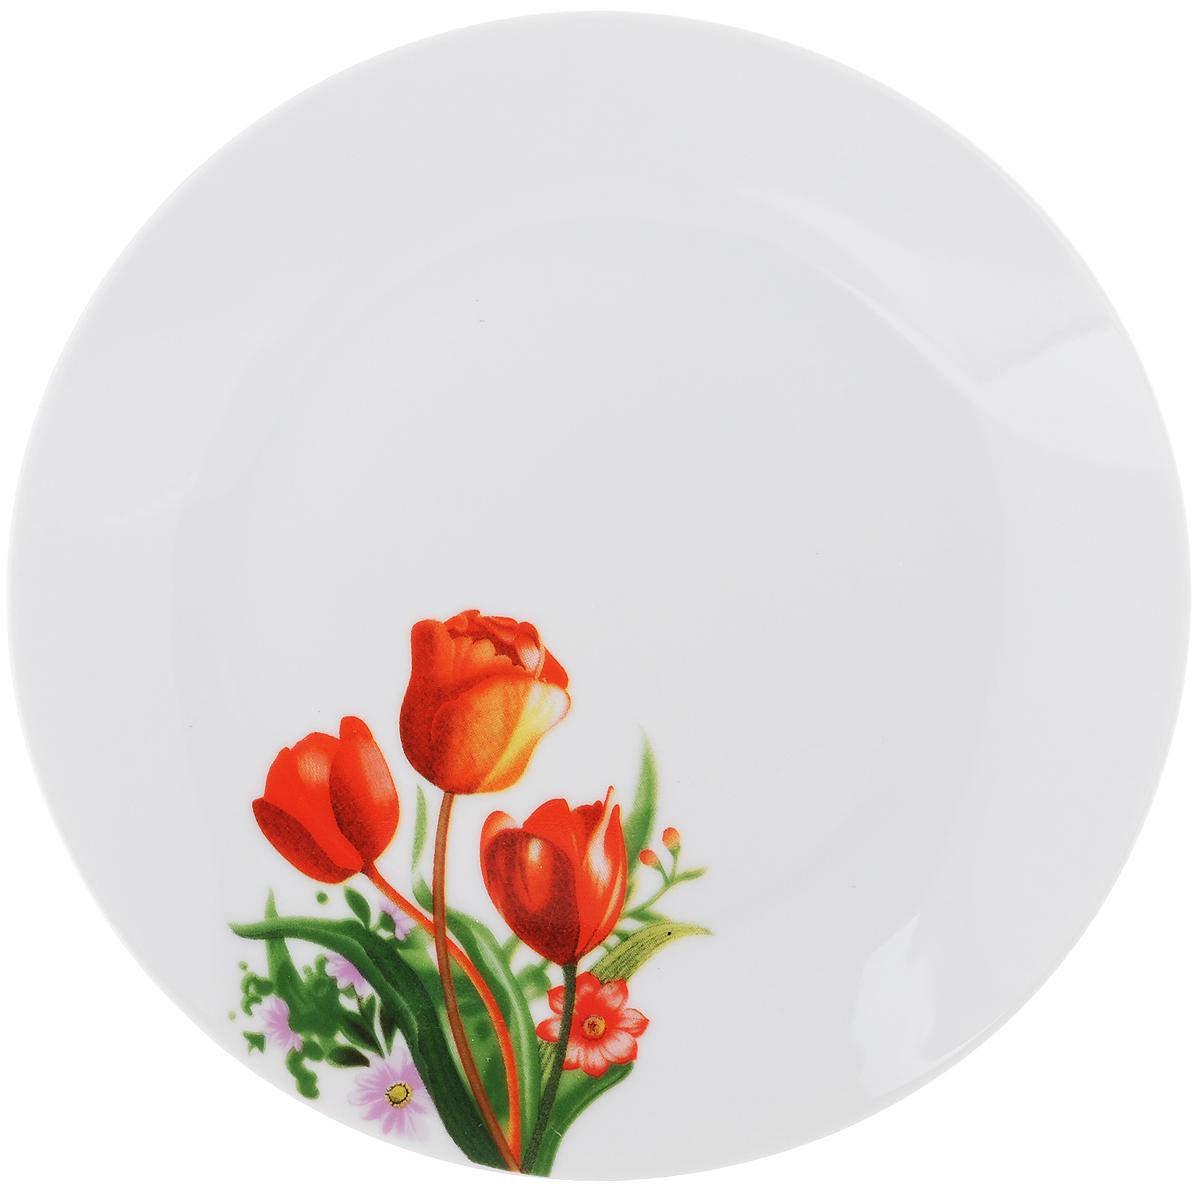 Тарелка десертная Тюльпаны, диаметр 20 см54 009312Десертная тарелка Доляна Тюльпаны изготовлена из высококачественной керамики и имеет изысканный внешний вид. Такая тарелка прекрасно подходит как для торжественных случаев, так и для повседневного использования. Идеальна для подачи десертов, пирожных, тортов и многого другого. Она прекрасно оформит стол и станет отличным дополнением к вашей коллекции кухонной посуды. Диаметр тарелки (по верхнему краю): 20 см.Высота тарелки: 2 см.